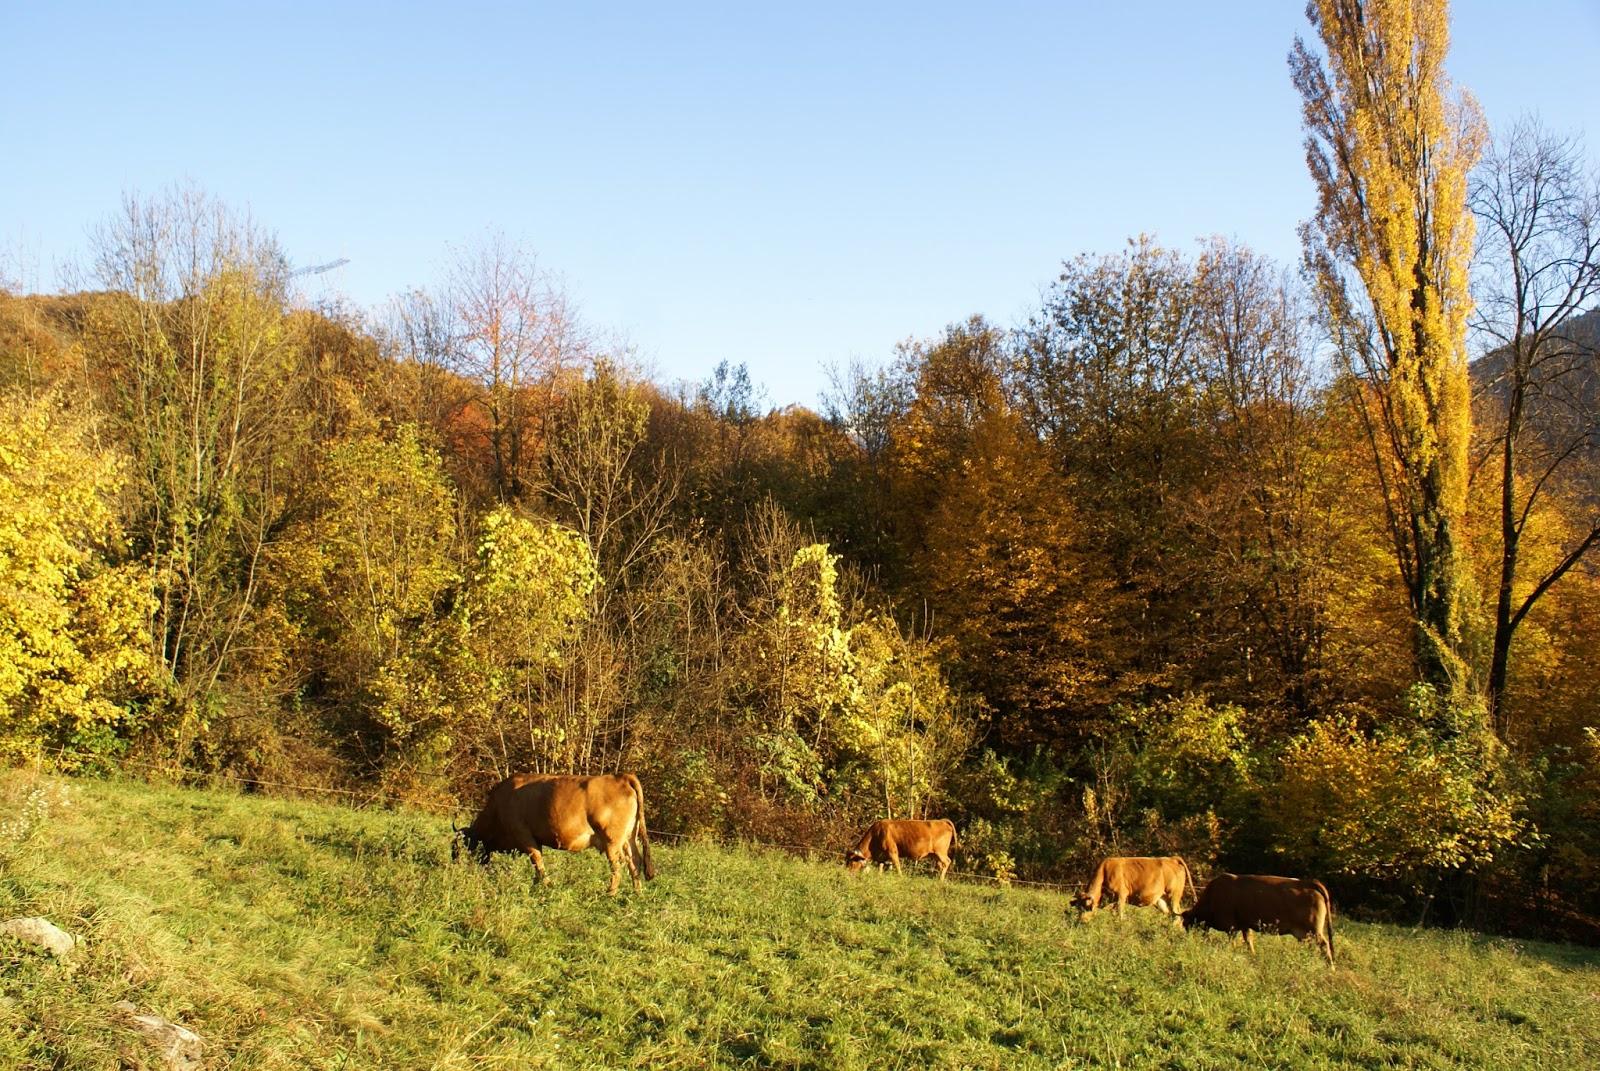 automne savoie feuilles nature vaches